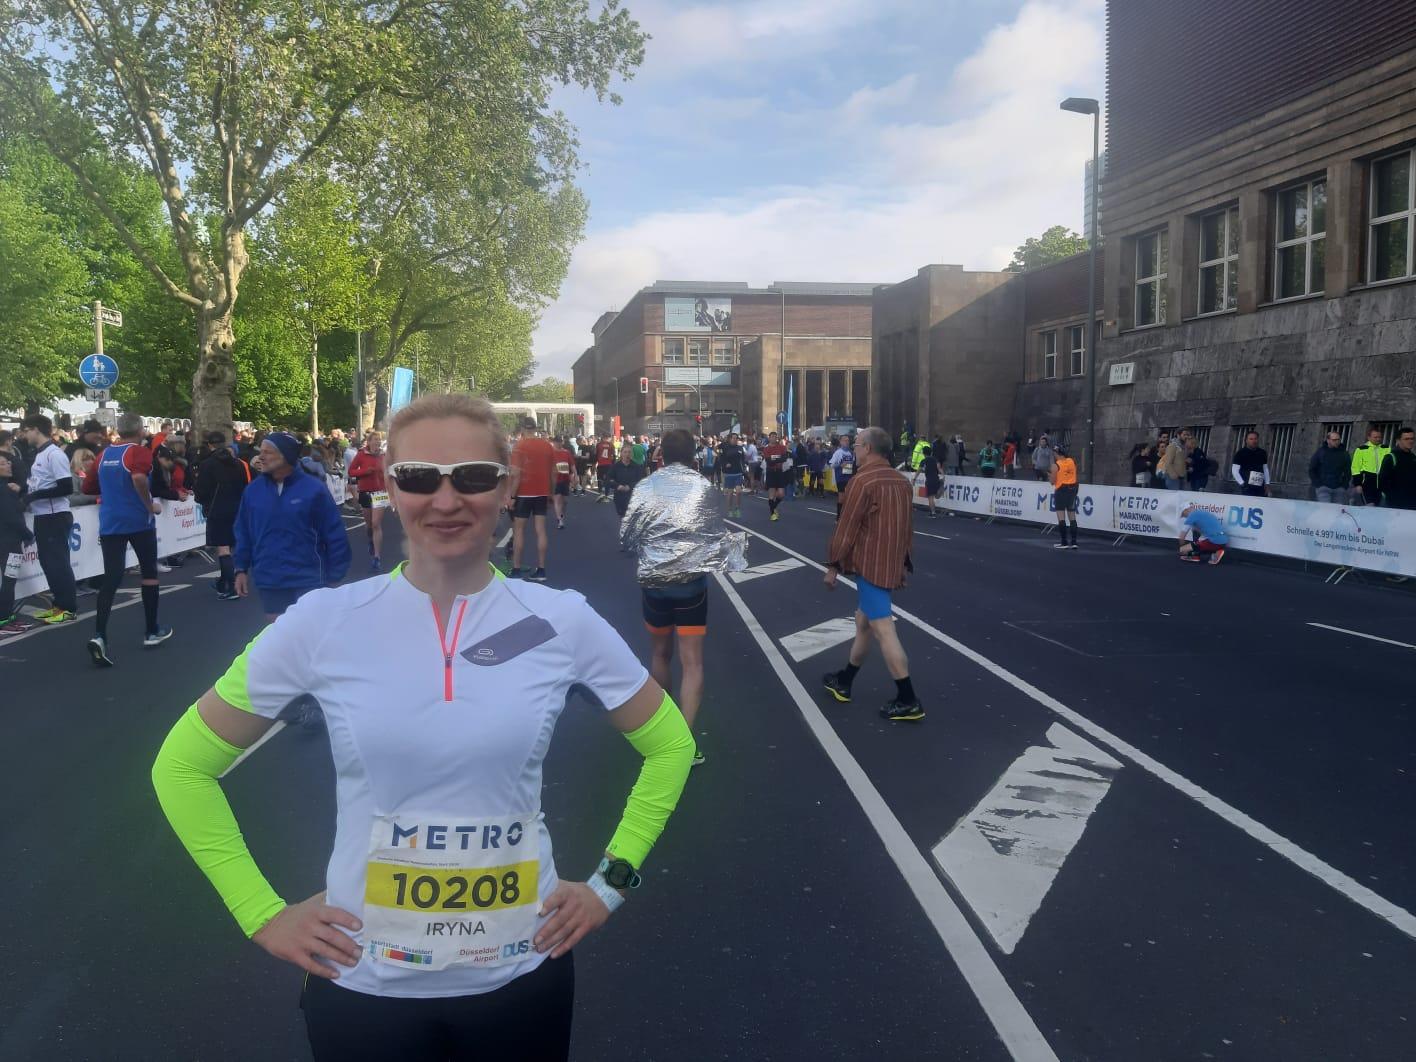 Iryna Detering bei den Deutschen Marathonmeisterschaften in Düsseldorf